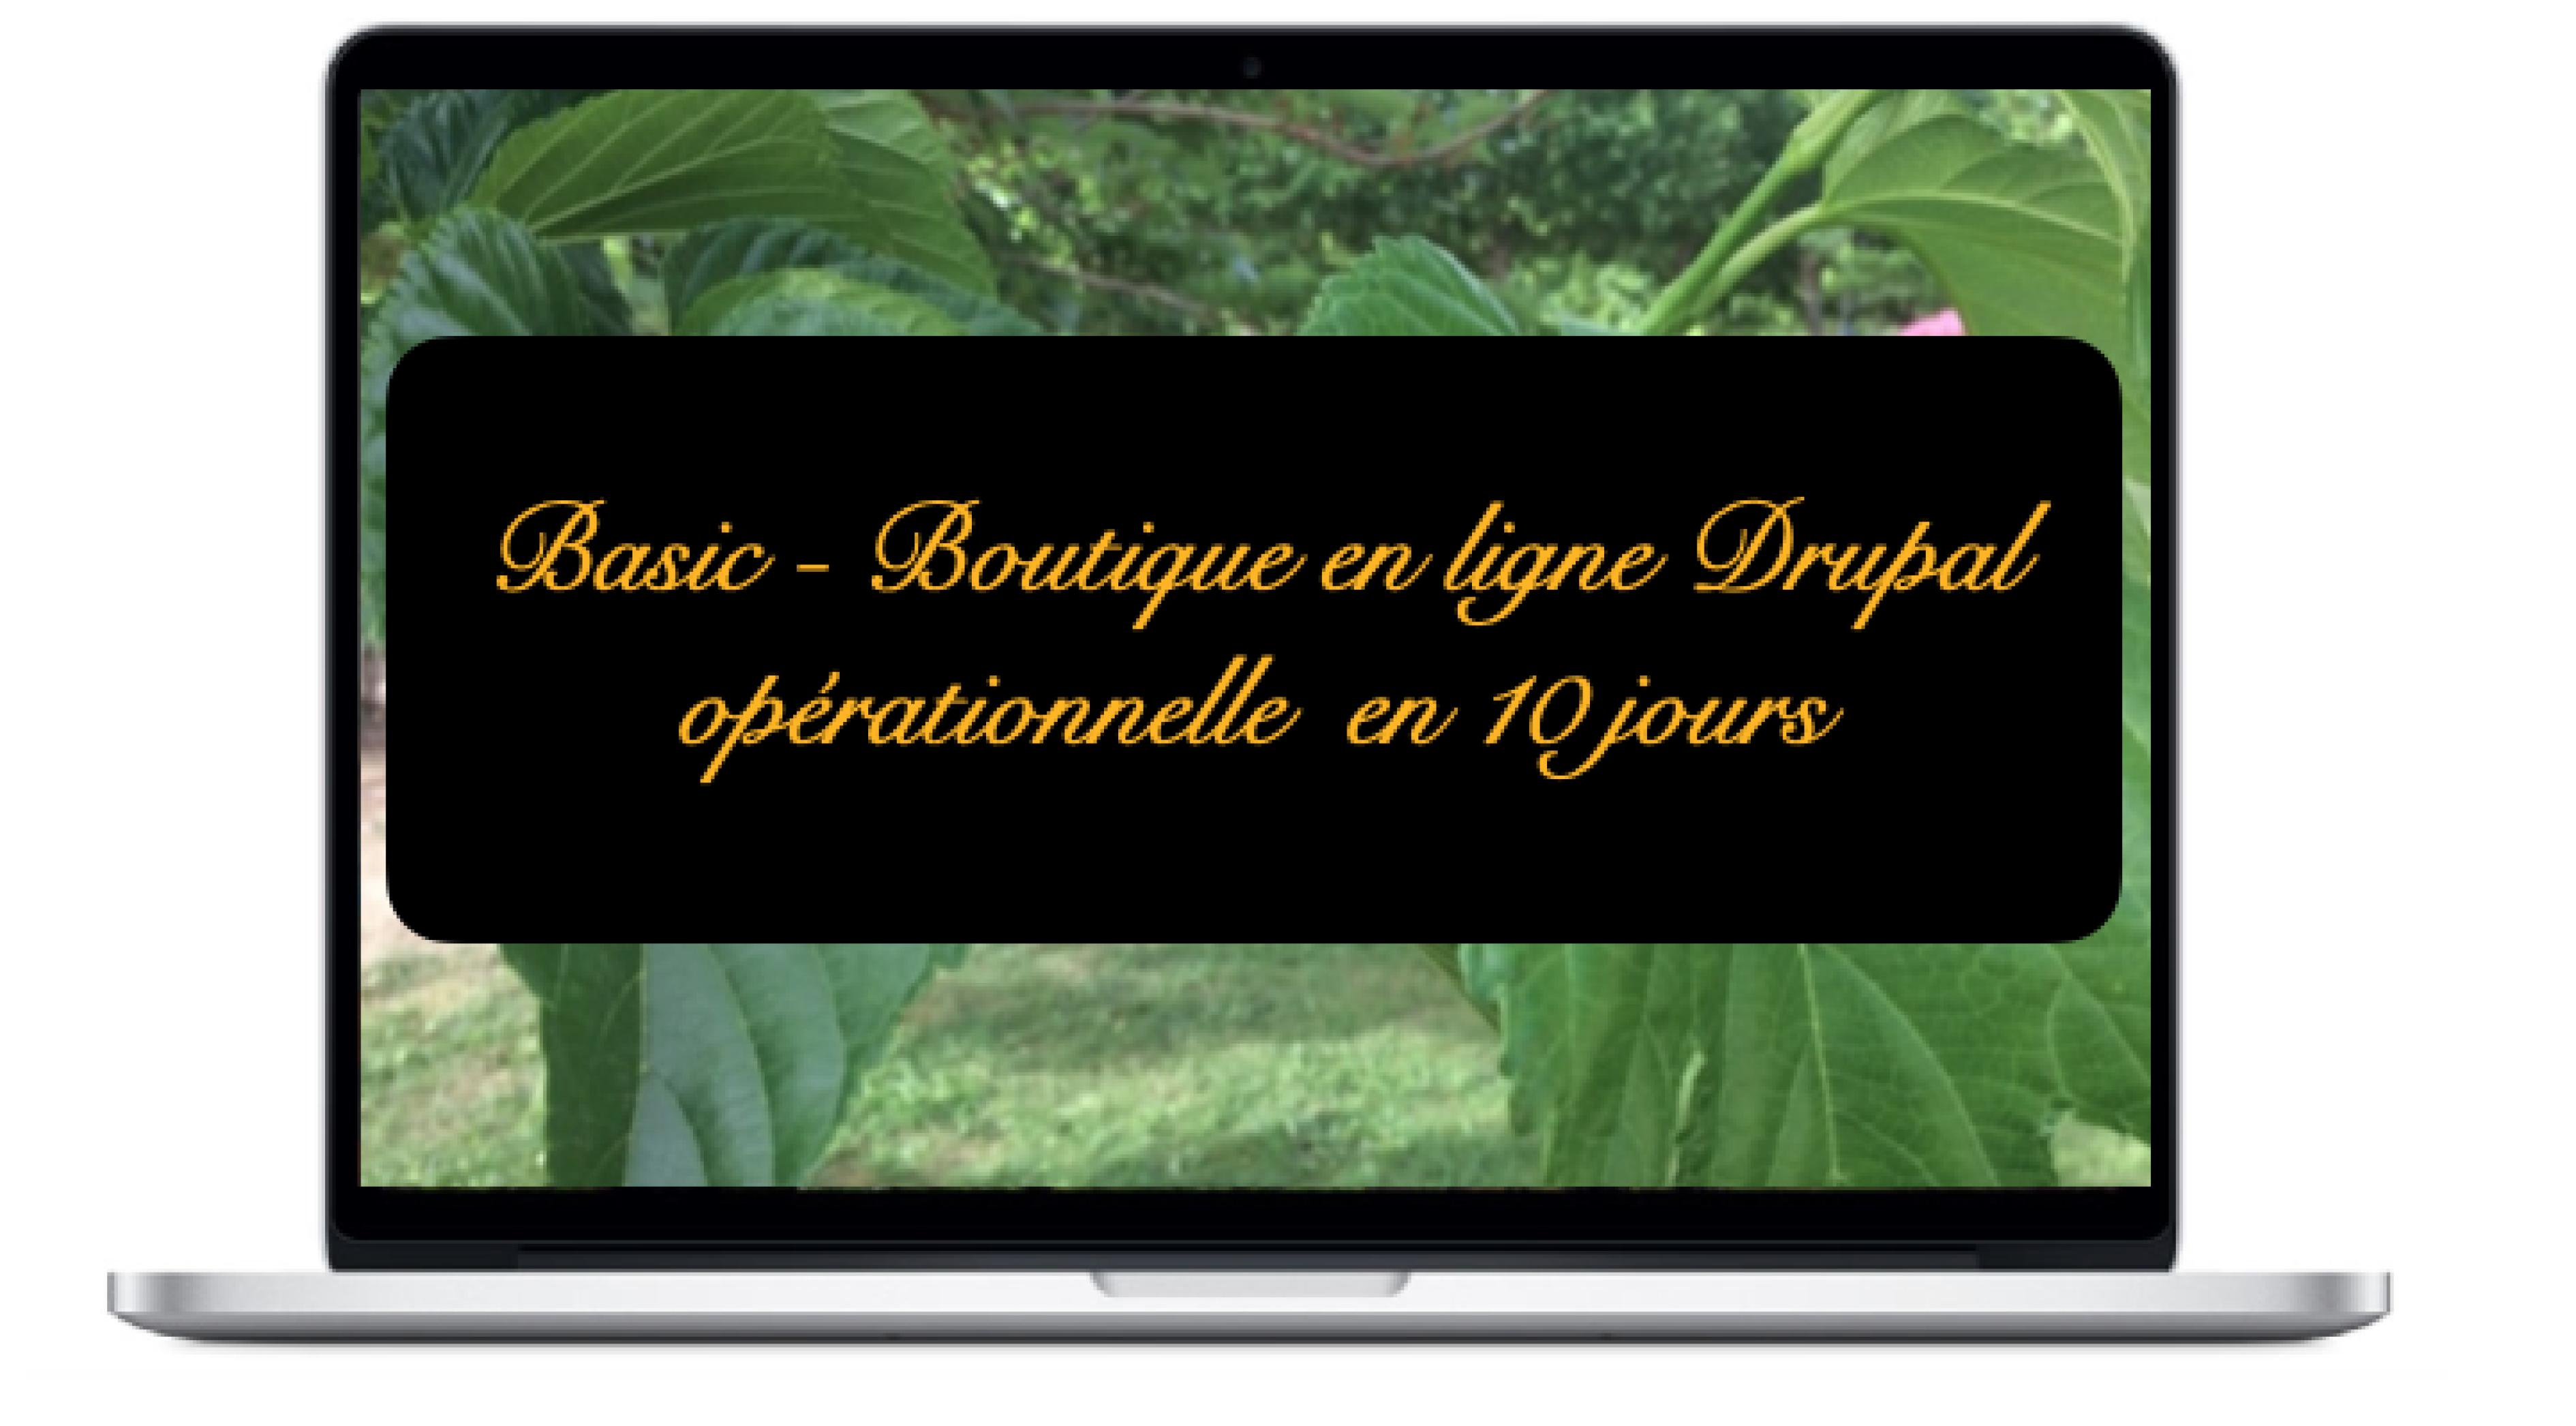 basic-boutique-en-ligne-drupal-operationnelle-en-10-jours